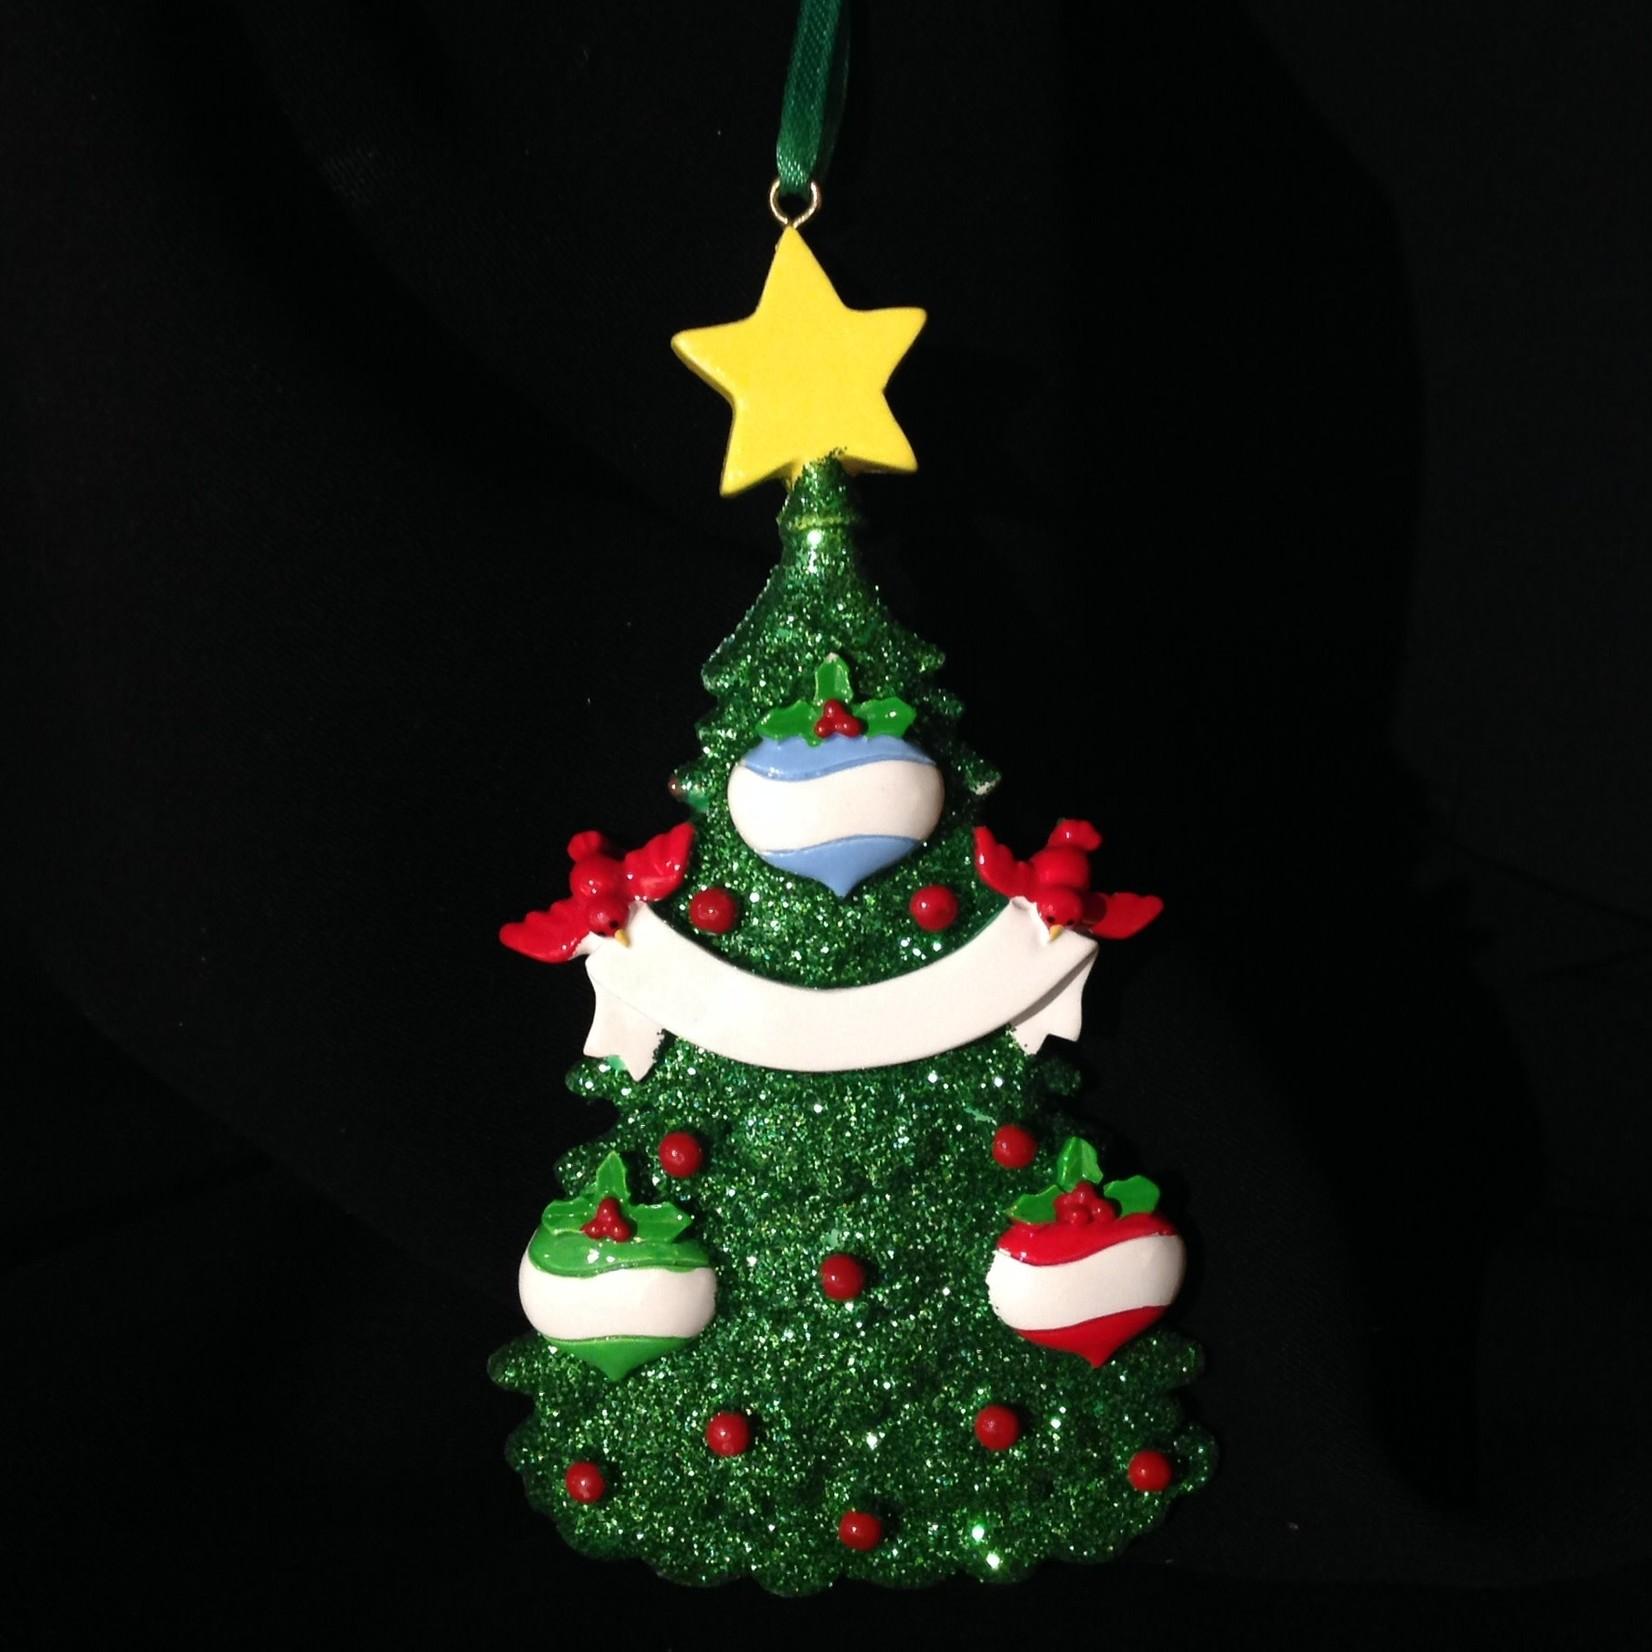 Green Tree - 3 Ornament